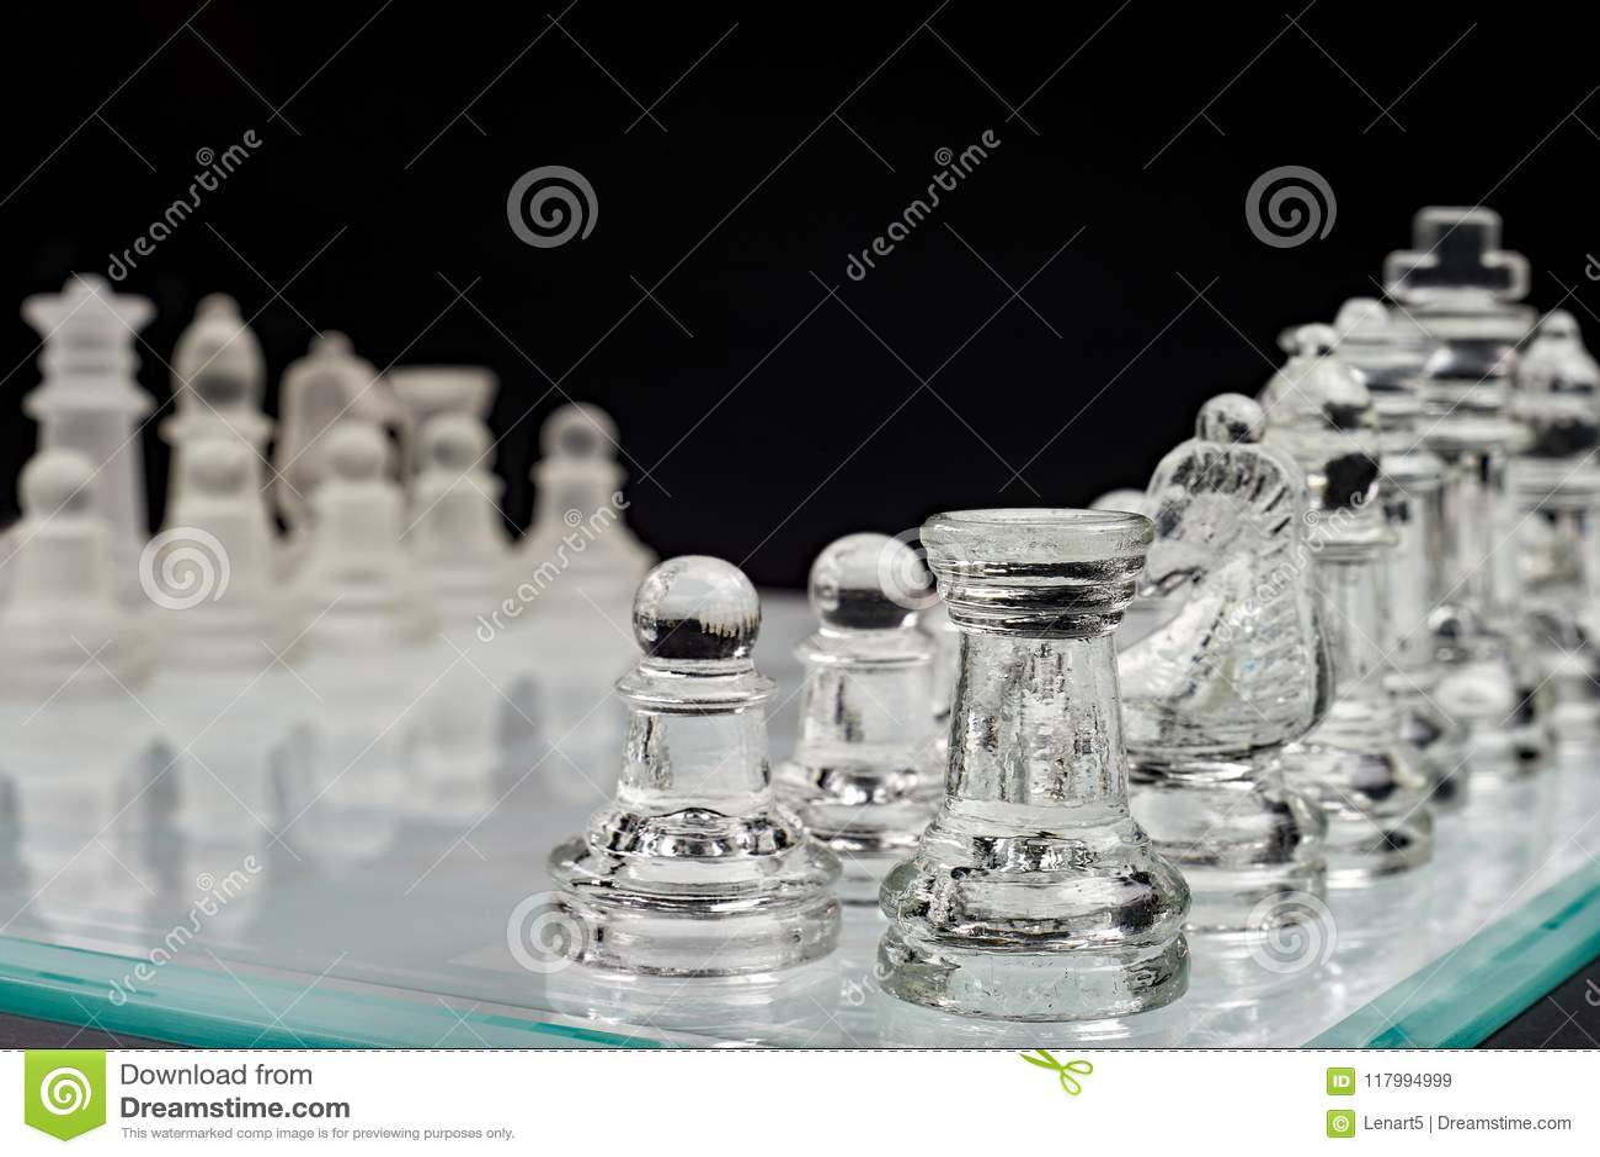 Шахмат, стеклянная доска с пешками на черной предпосылке